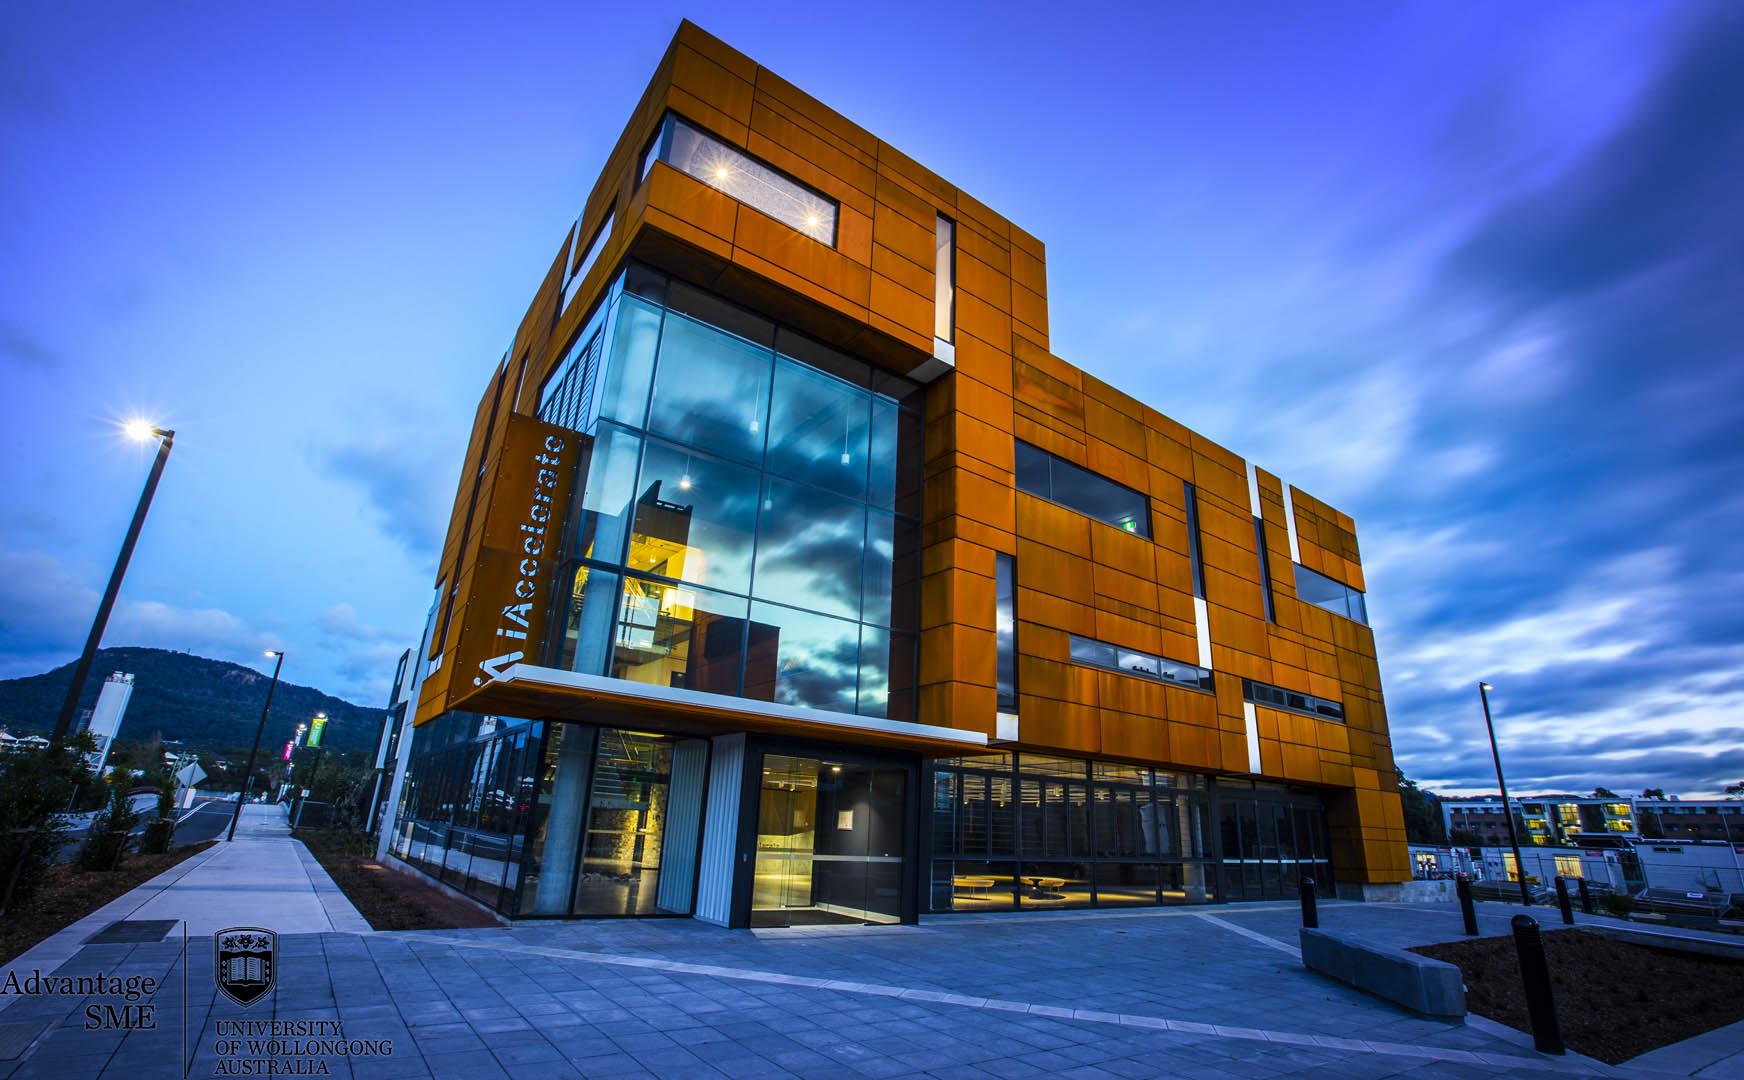 University of Wollongong's Incubator iAccelerate